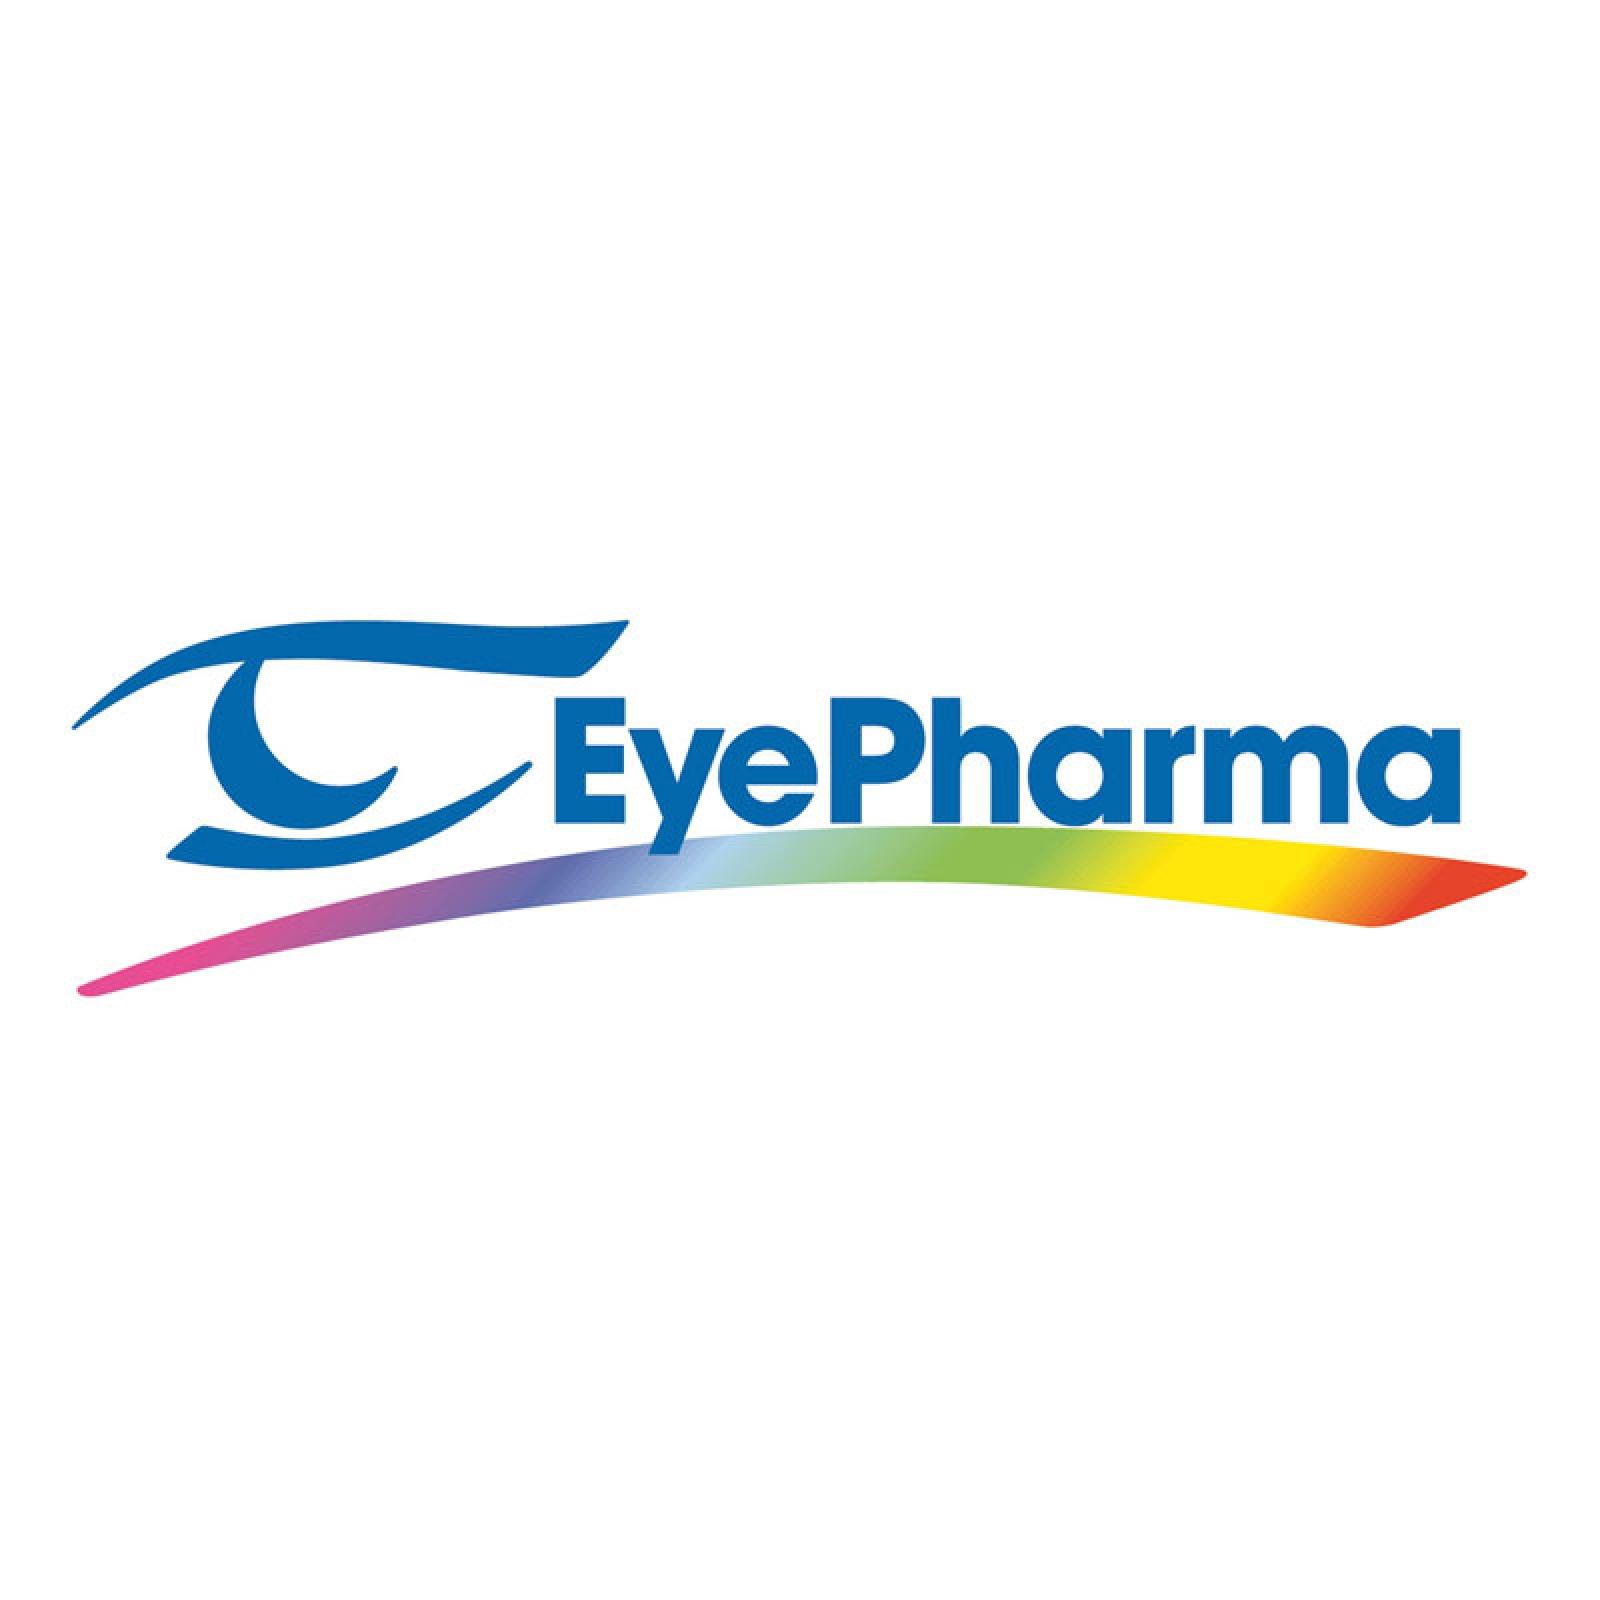 EyePharma US